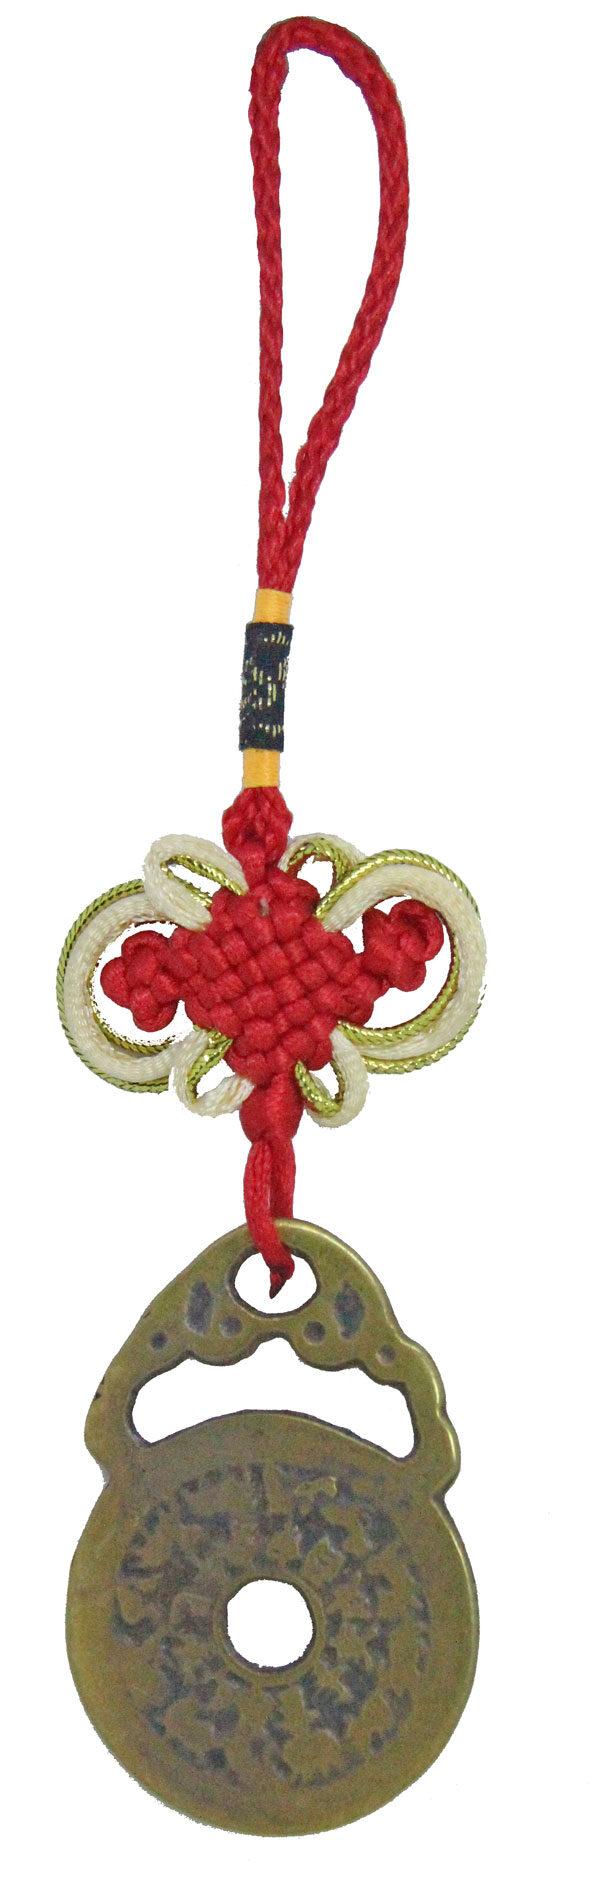 Bian fu zhuang suo fu zhou Bat lock amulet 1